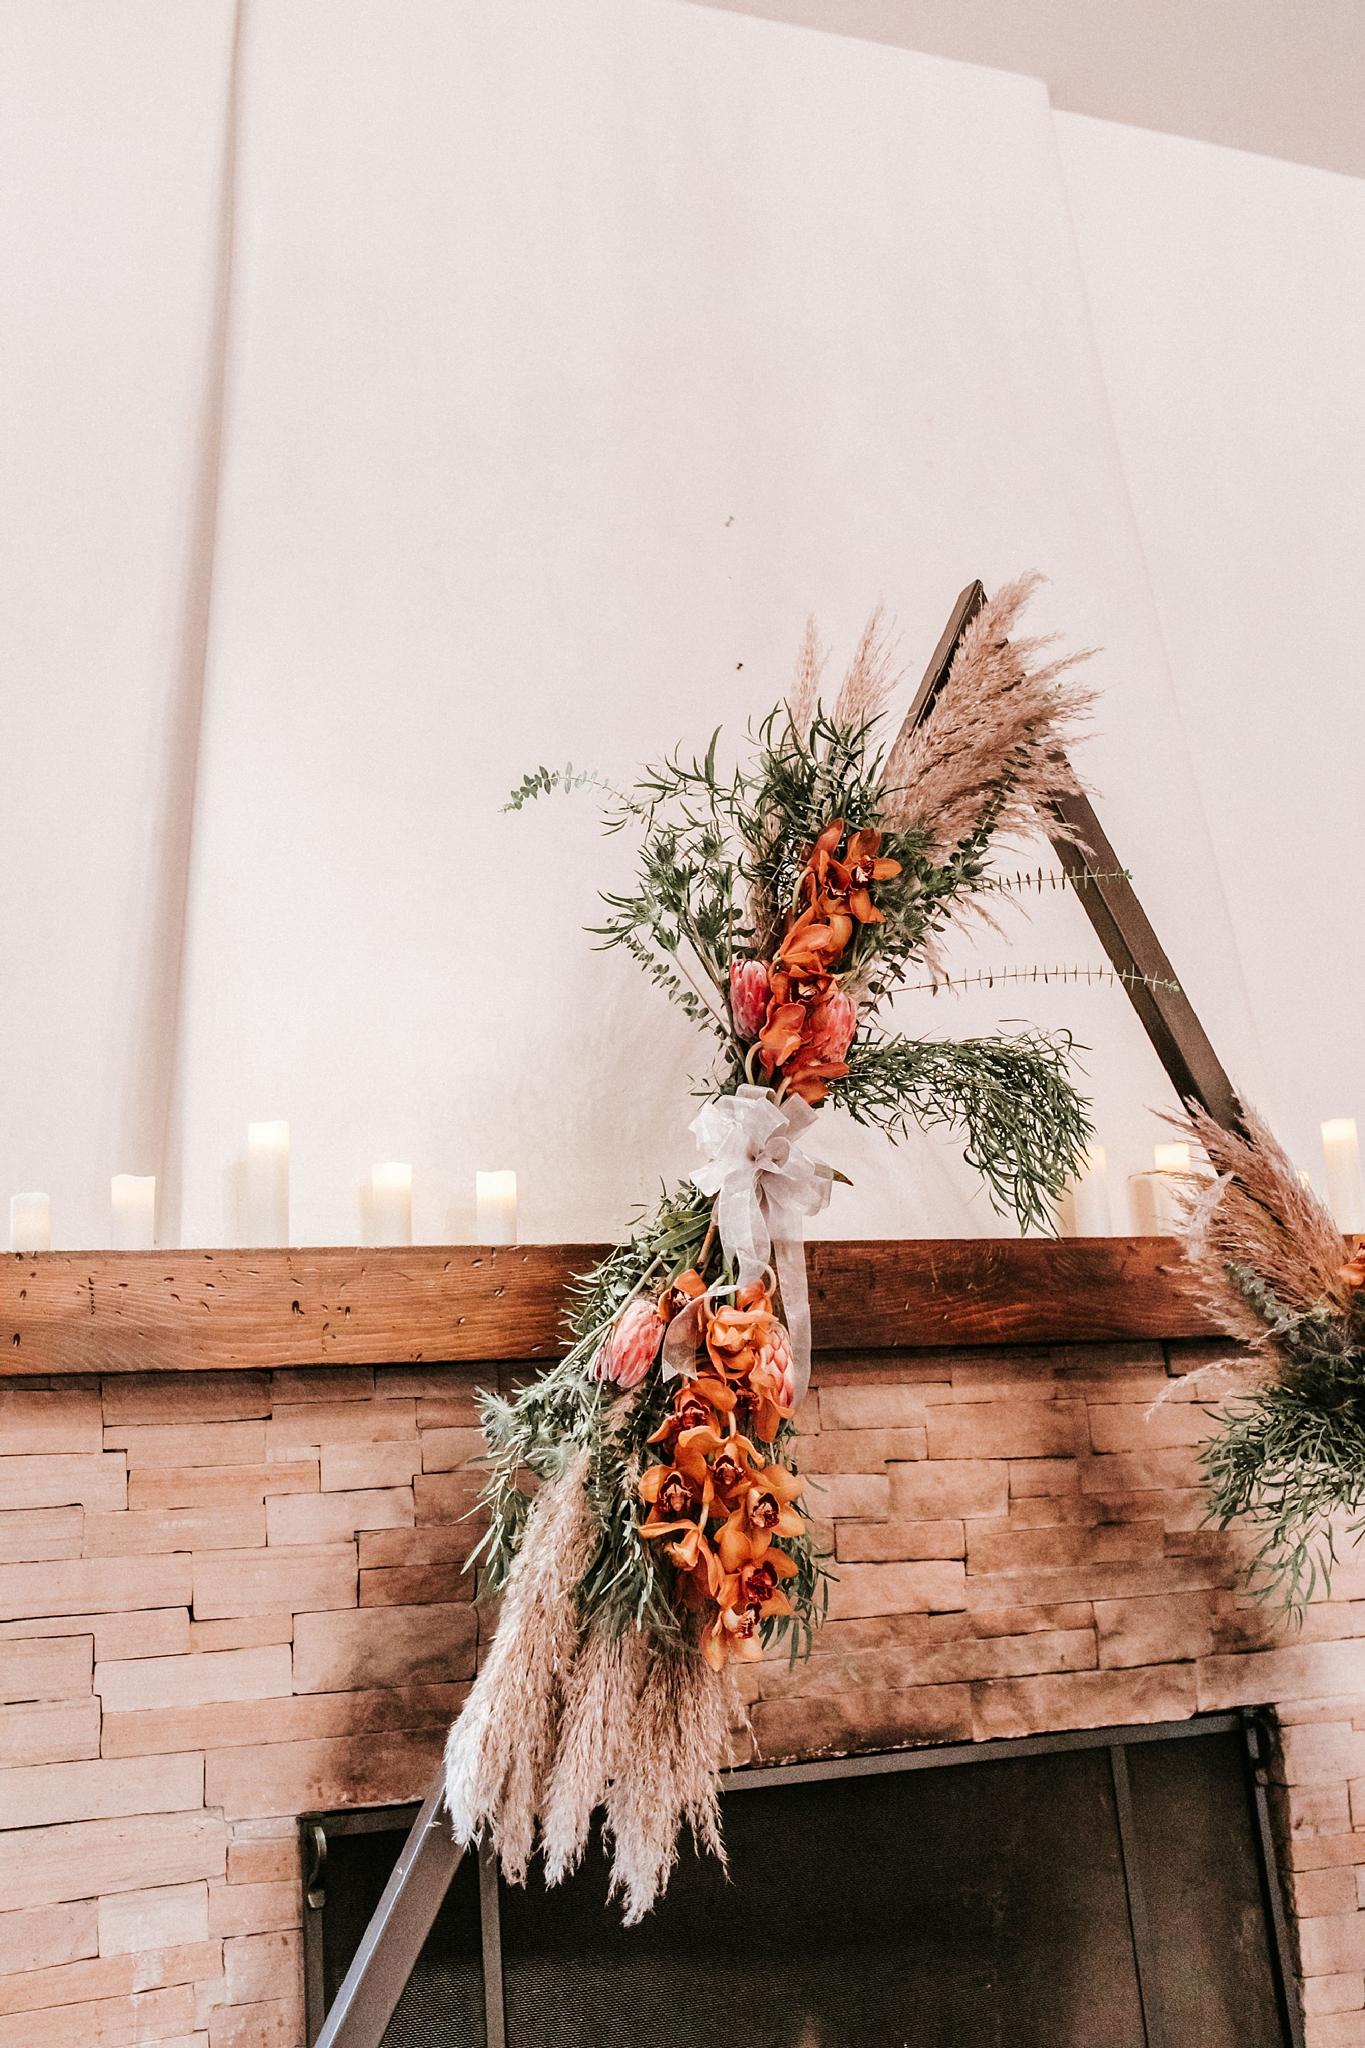 Alicia+lucia+photography+-+albuquerque+wedding+photographer+-+santa+fe+wedding+photography+-+new+mexico+wedding+photographer+-+new+mexico+wedding+-+new+mexico+wedding+-+wedding+florals+-+desert+wedding+-+wedding+trends_0005.jpg